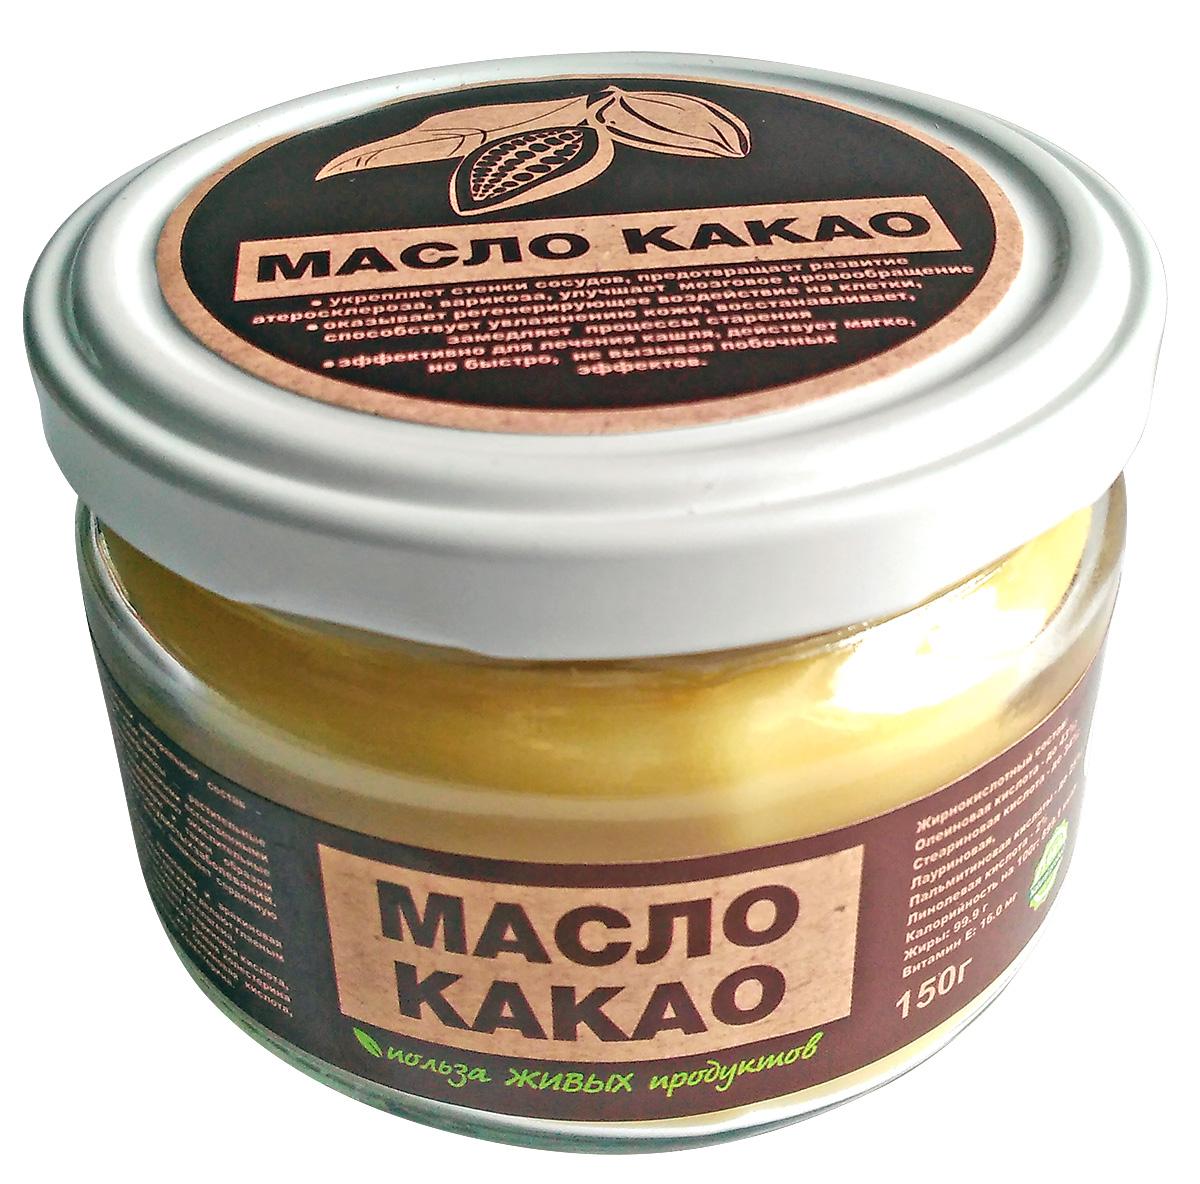 Greenbuffet масло какао нерафинированное, 150 г0120710Какао масло, нерафинированное, богато минералами: кальцием, железом, магнием, йодом. Снижает риск сердечно-сосудистых заболеваний. Нормализует уровень холестерина в крови. Оказывает регенерирующее воздействие, увлажняет кожу и замедляет процессы старения. Эффективно для лечения кашля.